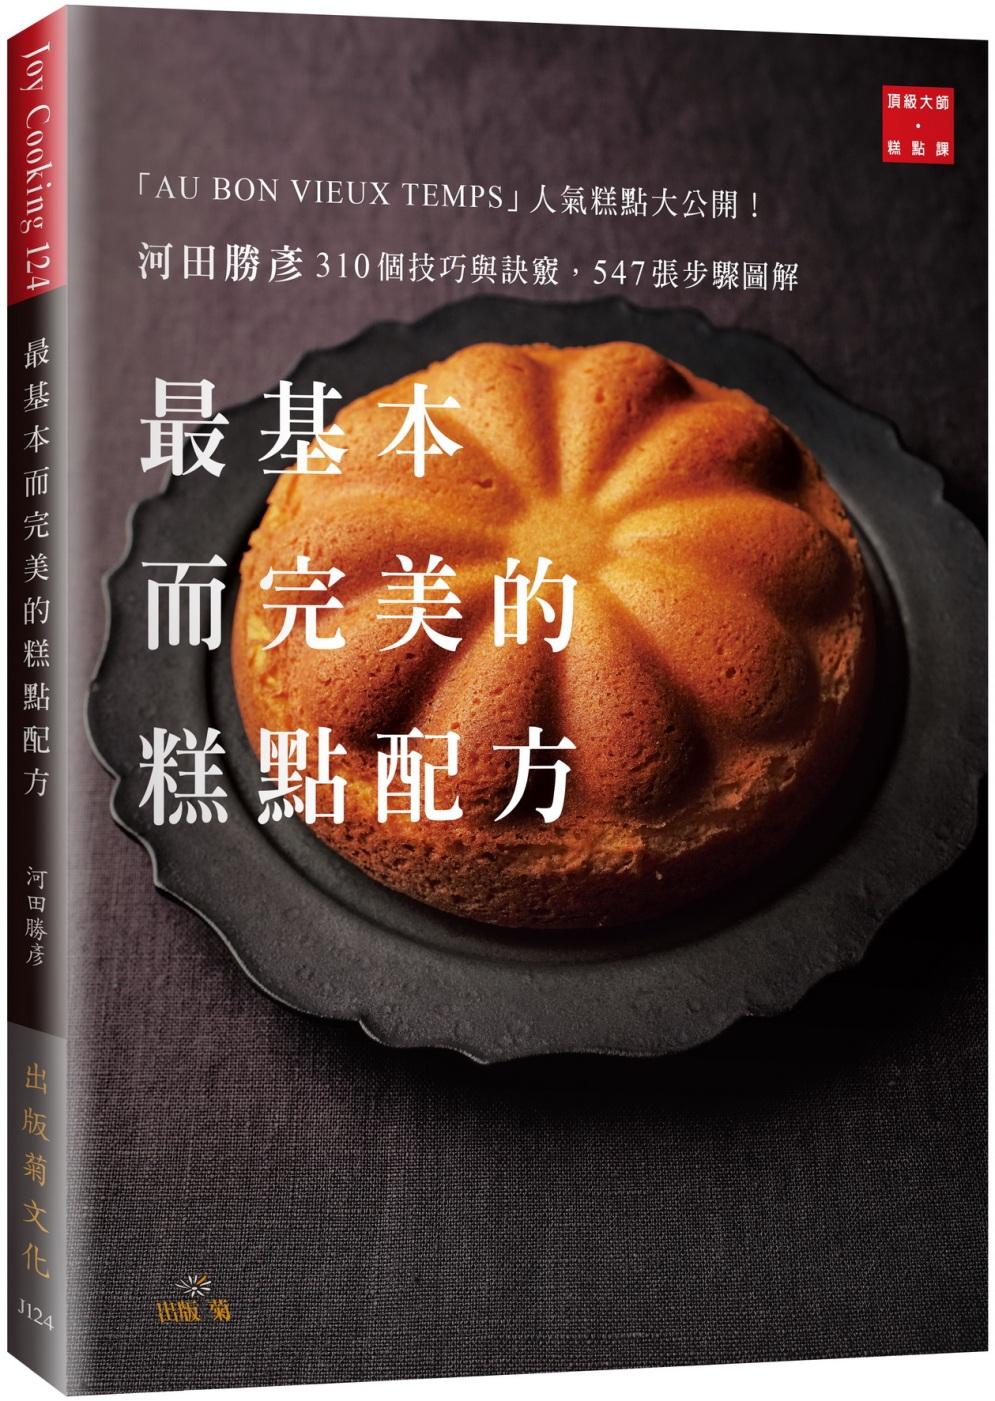 河田勝彥最基本而完美的糕點配方:310個技巧與訣竅,547張步驟圖解,「AU BON VIEUX TEMPS」人氣糕點大公開!